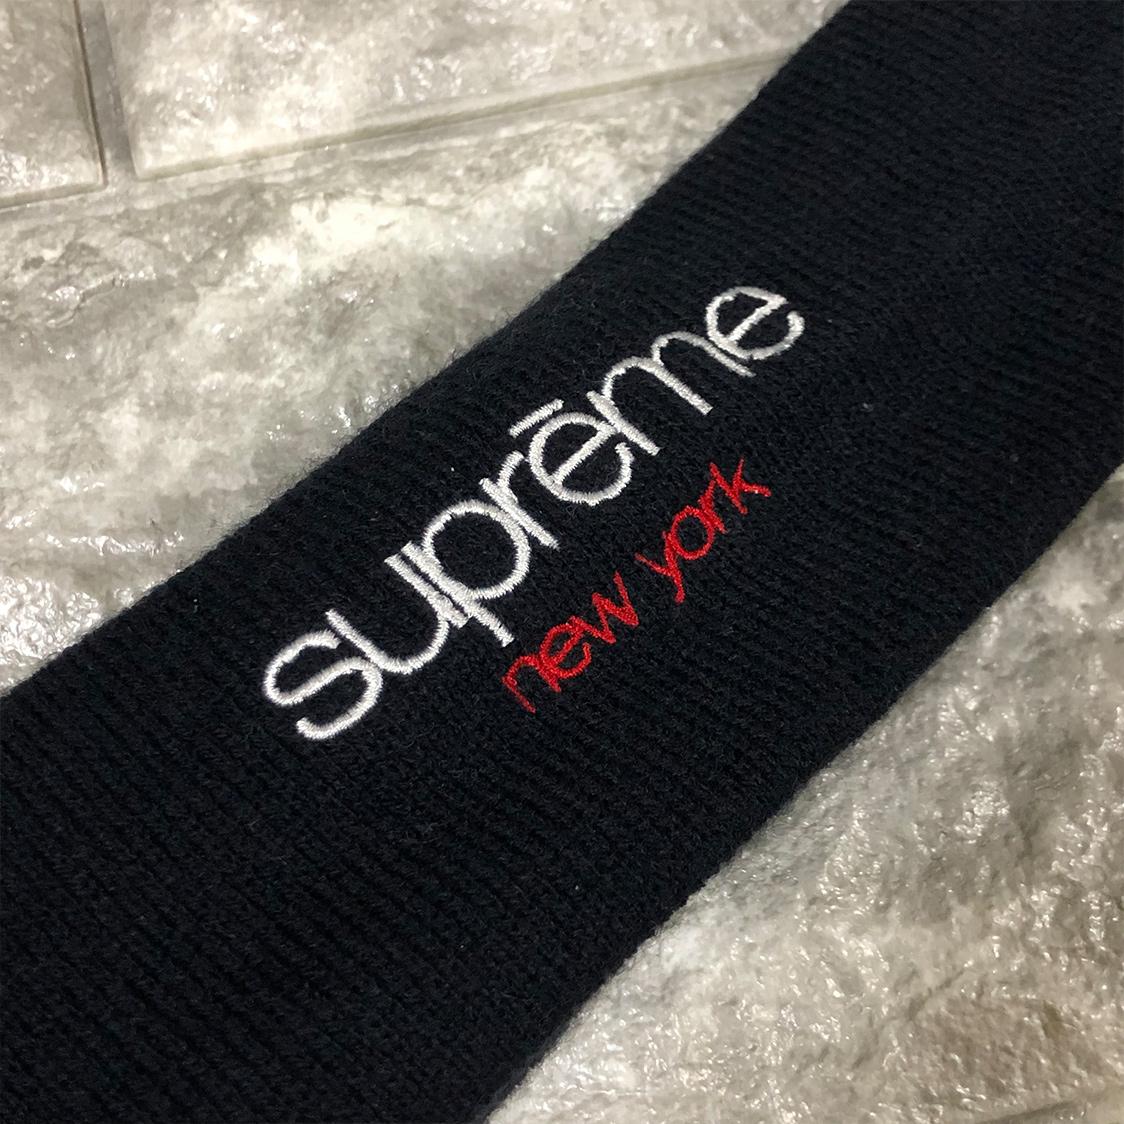 正規品 SUPREME シュプリーム × NEW ERA ニューエラ ヘアバンド Polartec Headband クラシック ロゴ ブラック